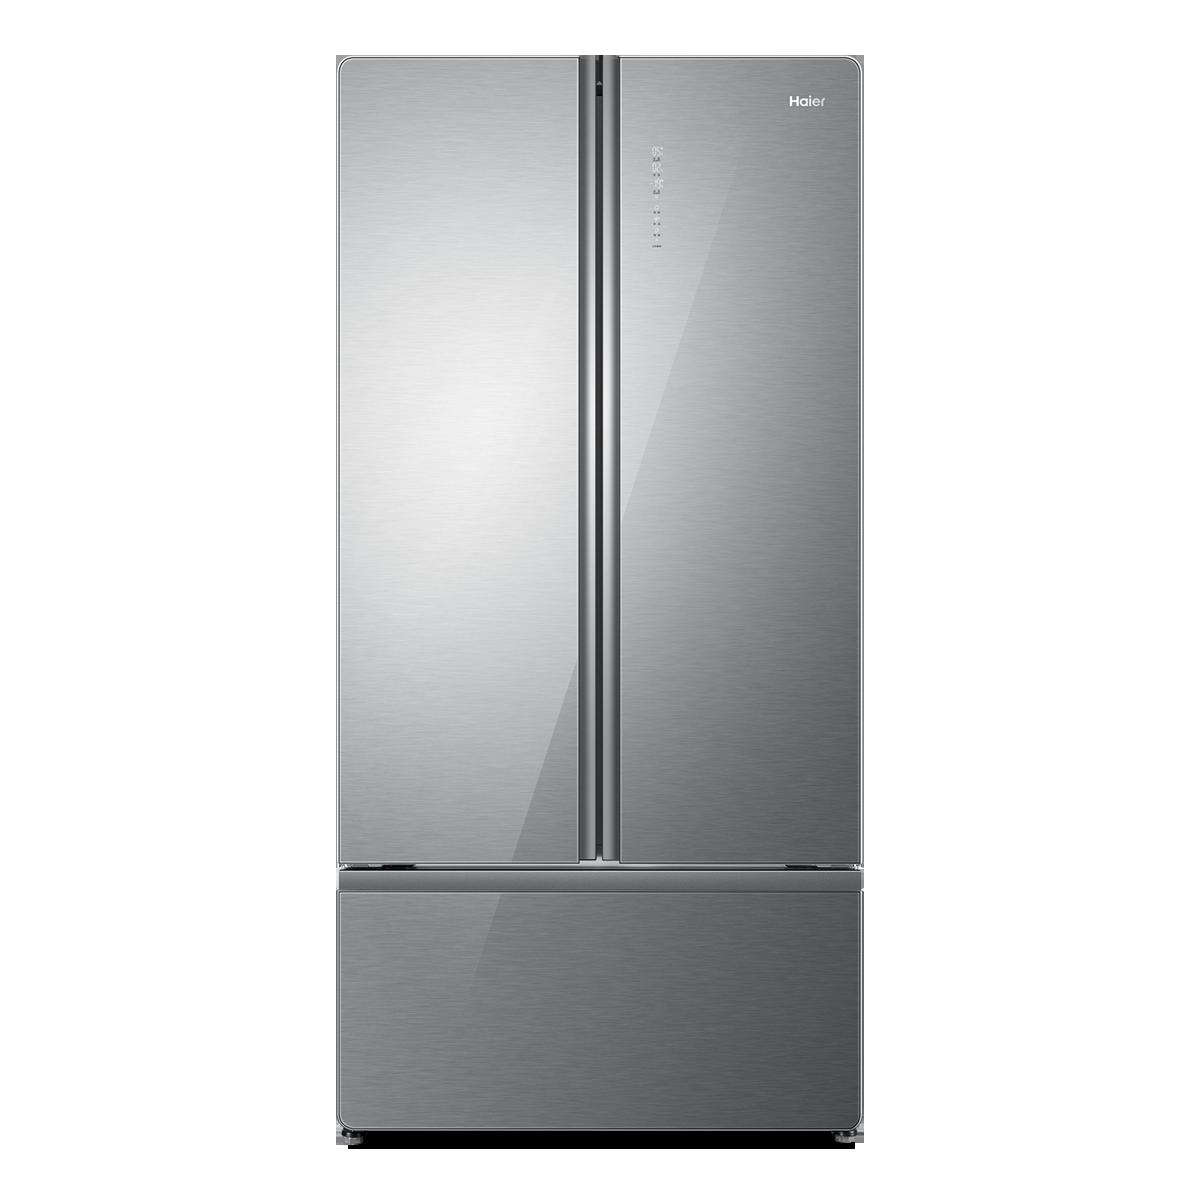 海尔Haier冰箱 BCD-568WDCNU1 说明书